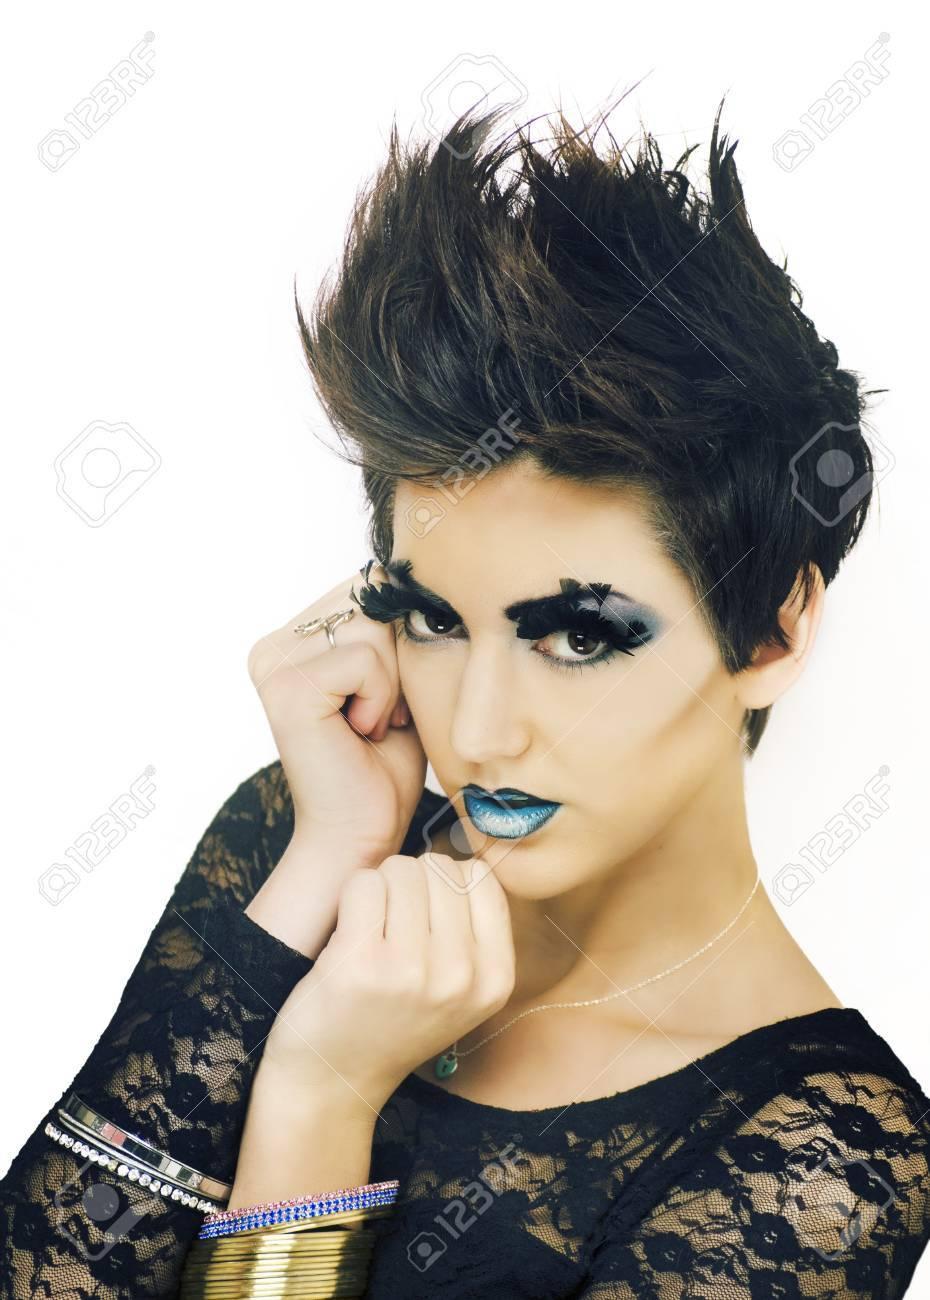 Beau Modele De Mode Avec Les Cheveux Courts Elegant Banque D Images Et Photos Libres De Droits Image 18822634